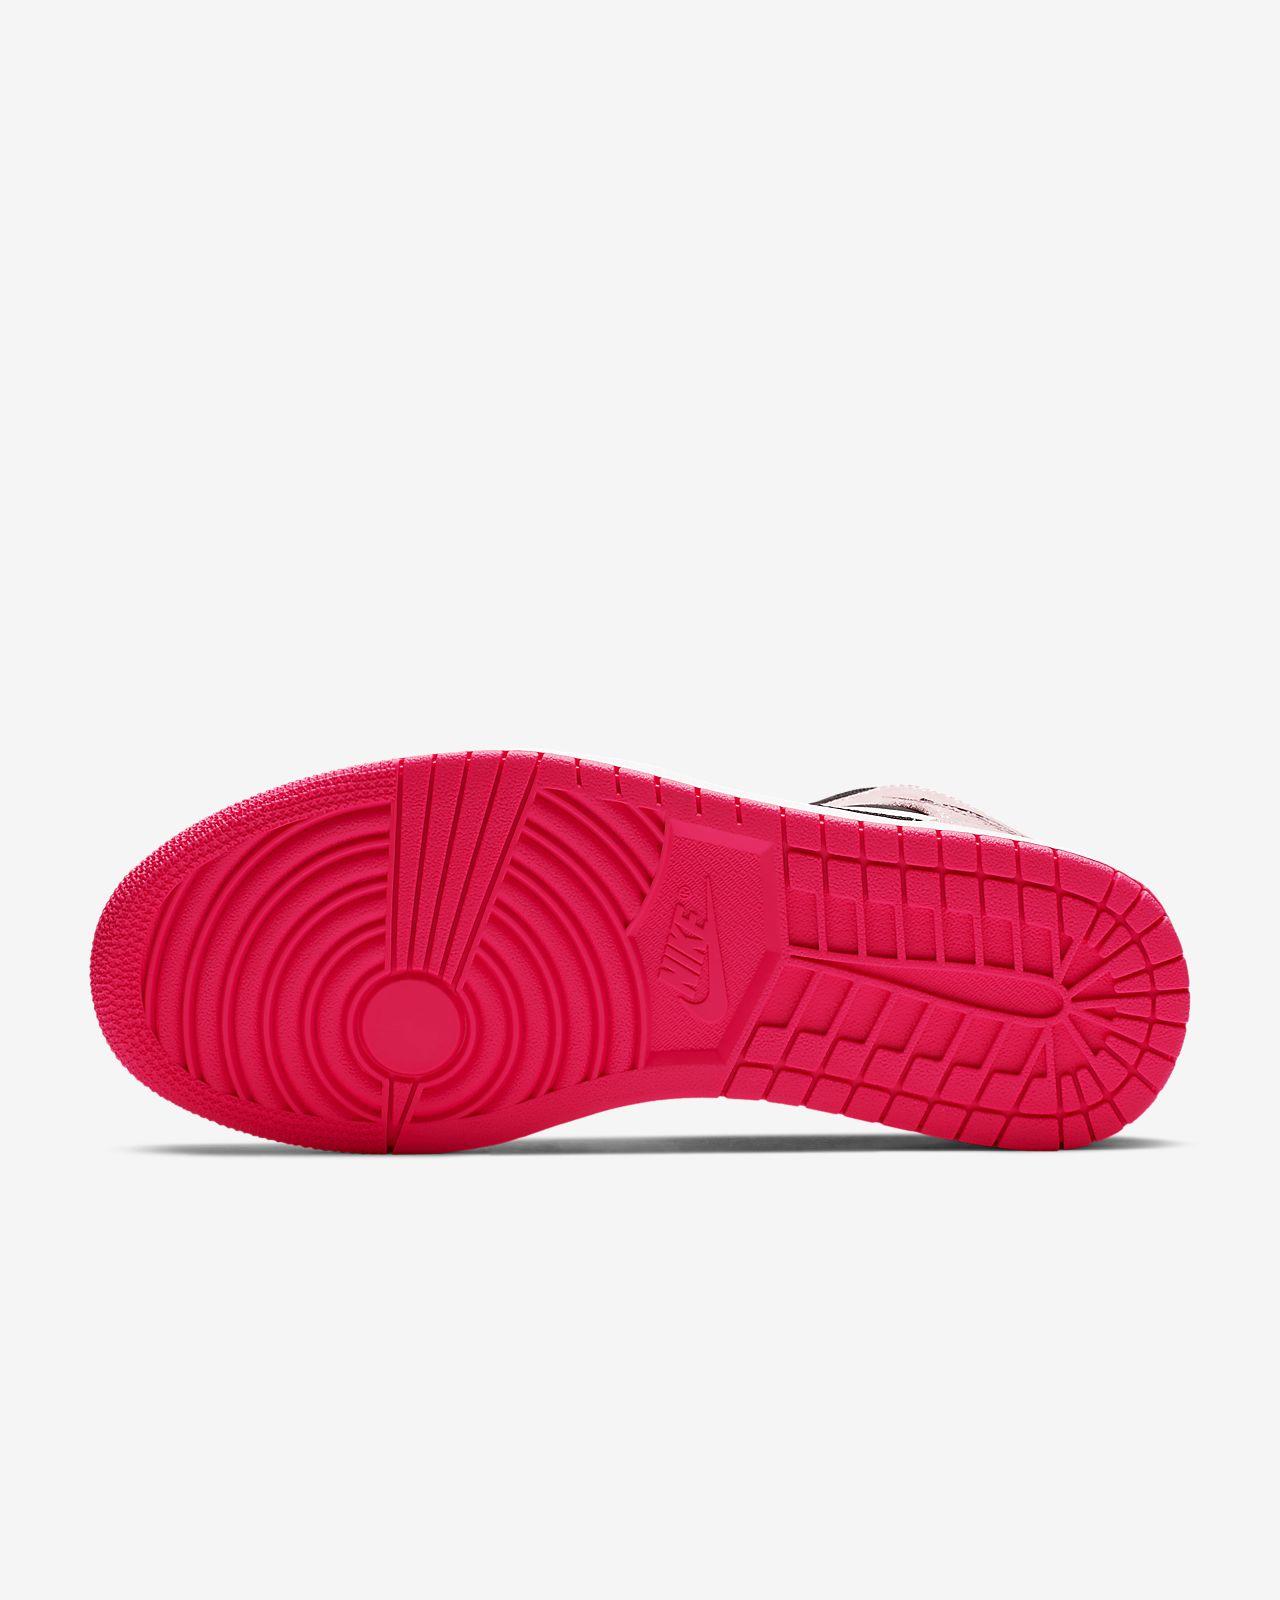 ef9edad294aaf6 Air Jordan 1 Mid SE Men s Shoe. Nike.com